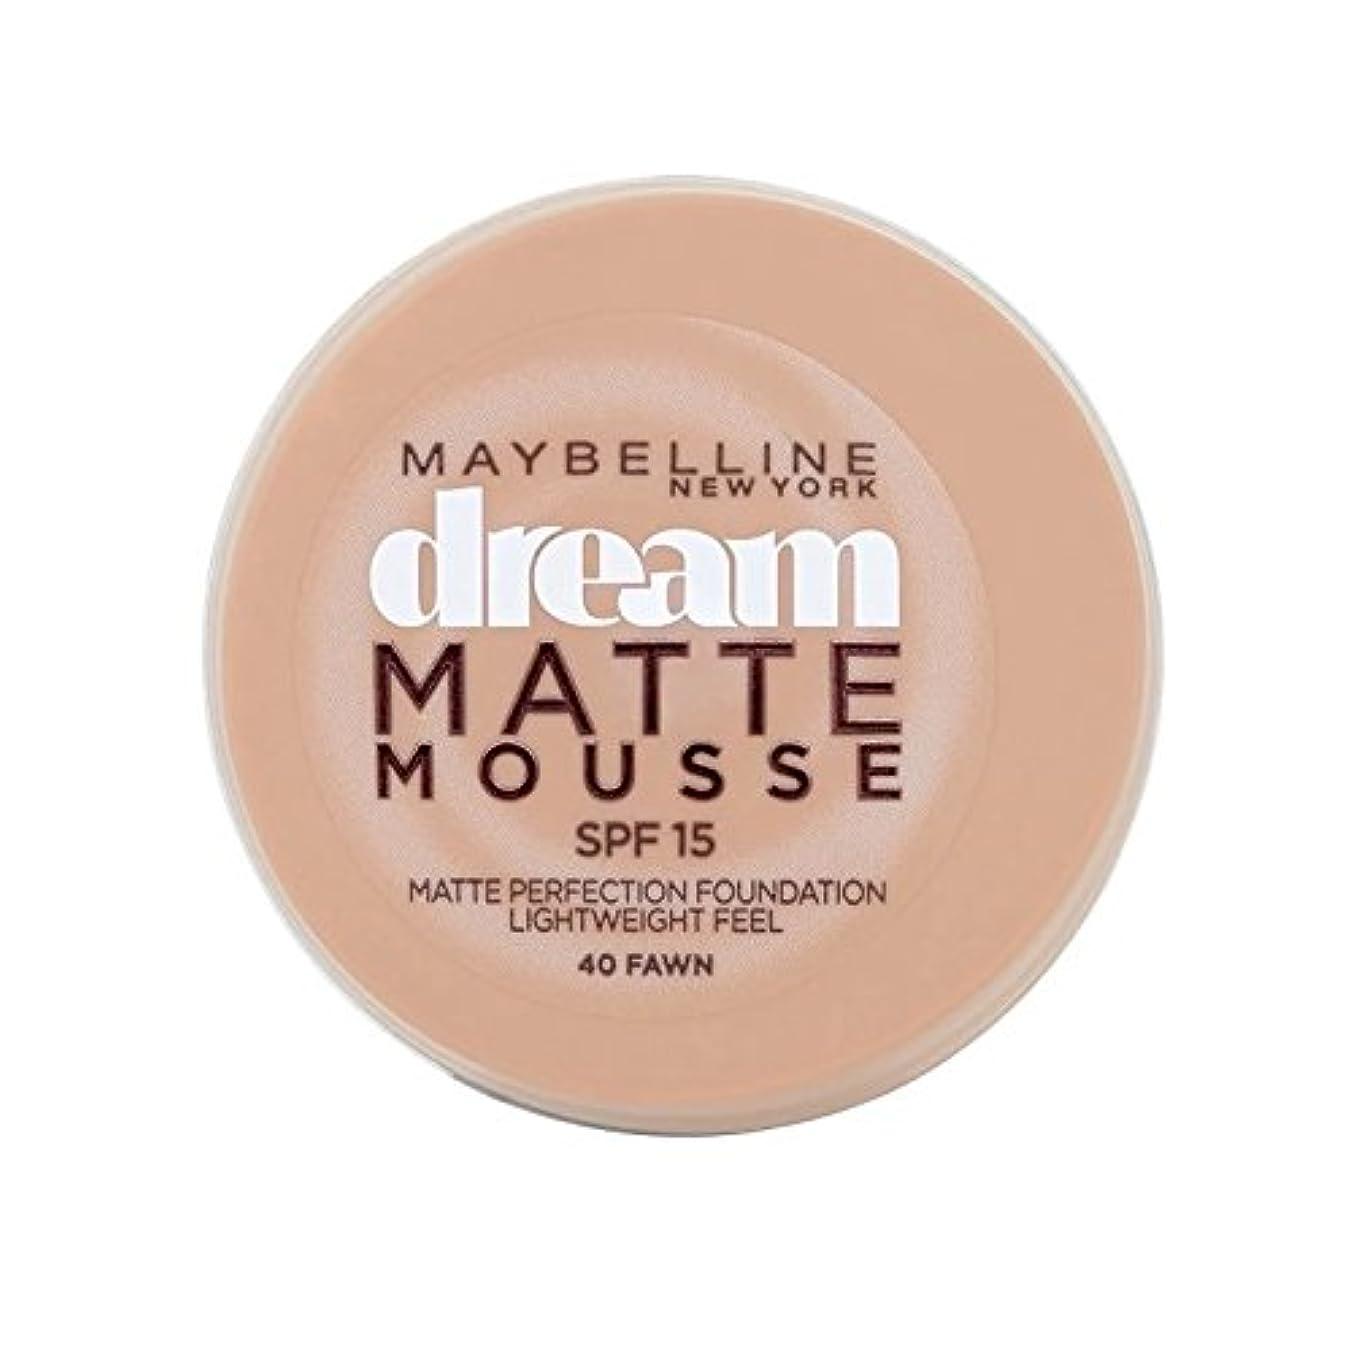 音節エジプト人キリンメイベリン夢のマットムース土台40子鹿の10ミリリットル x4 - Maybelline Dream Matte Mousse Foundation 40 Fawn 10ml (Pack of 4) [並行輸入品]